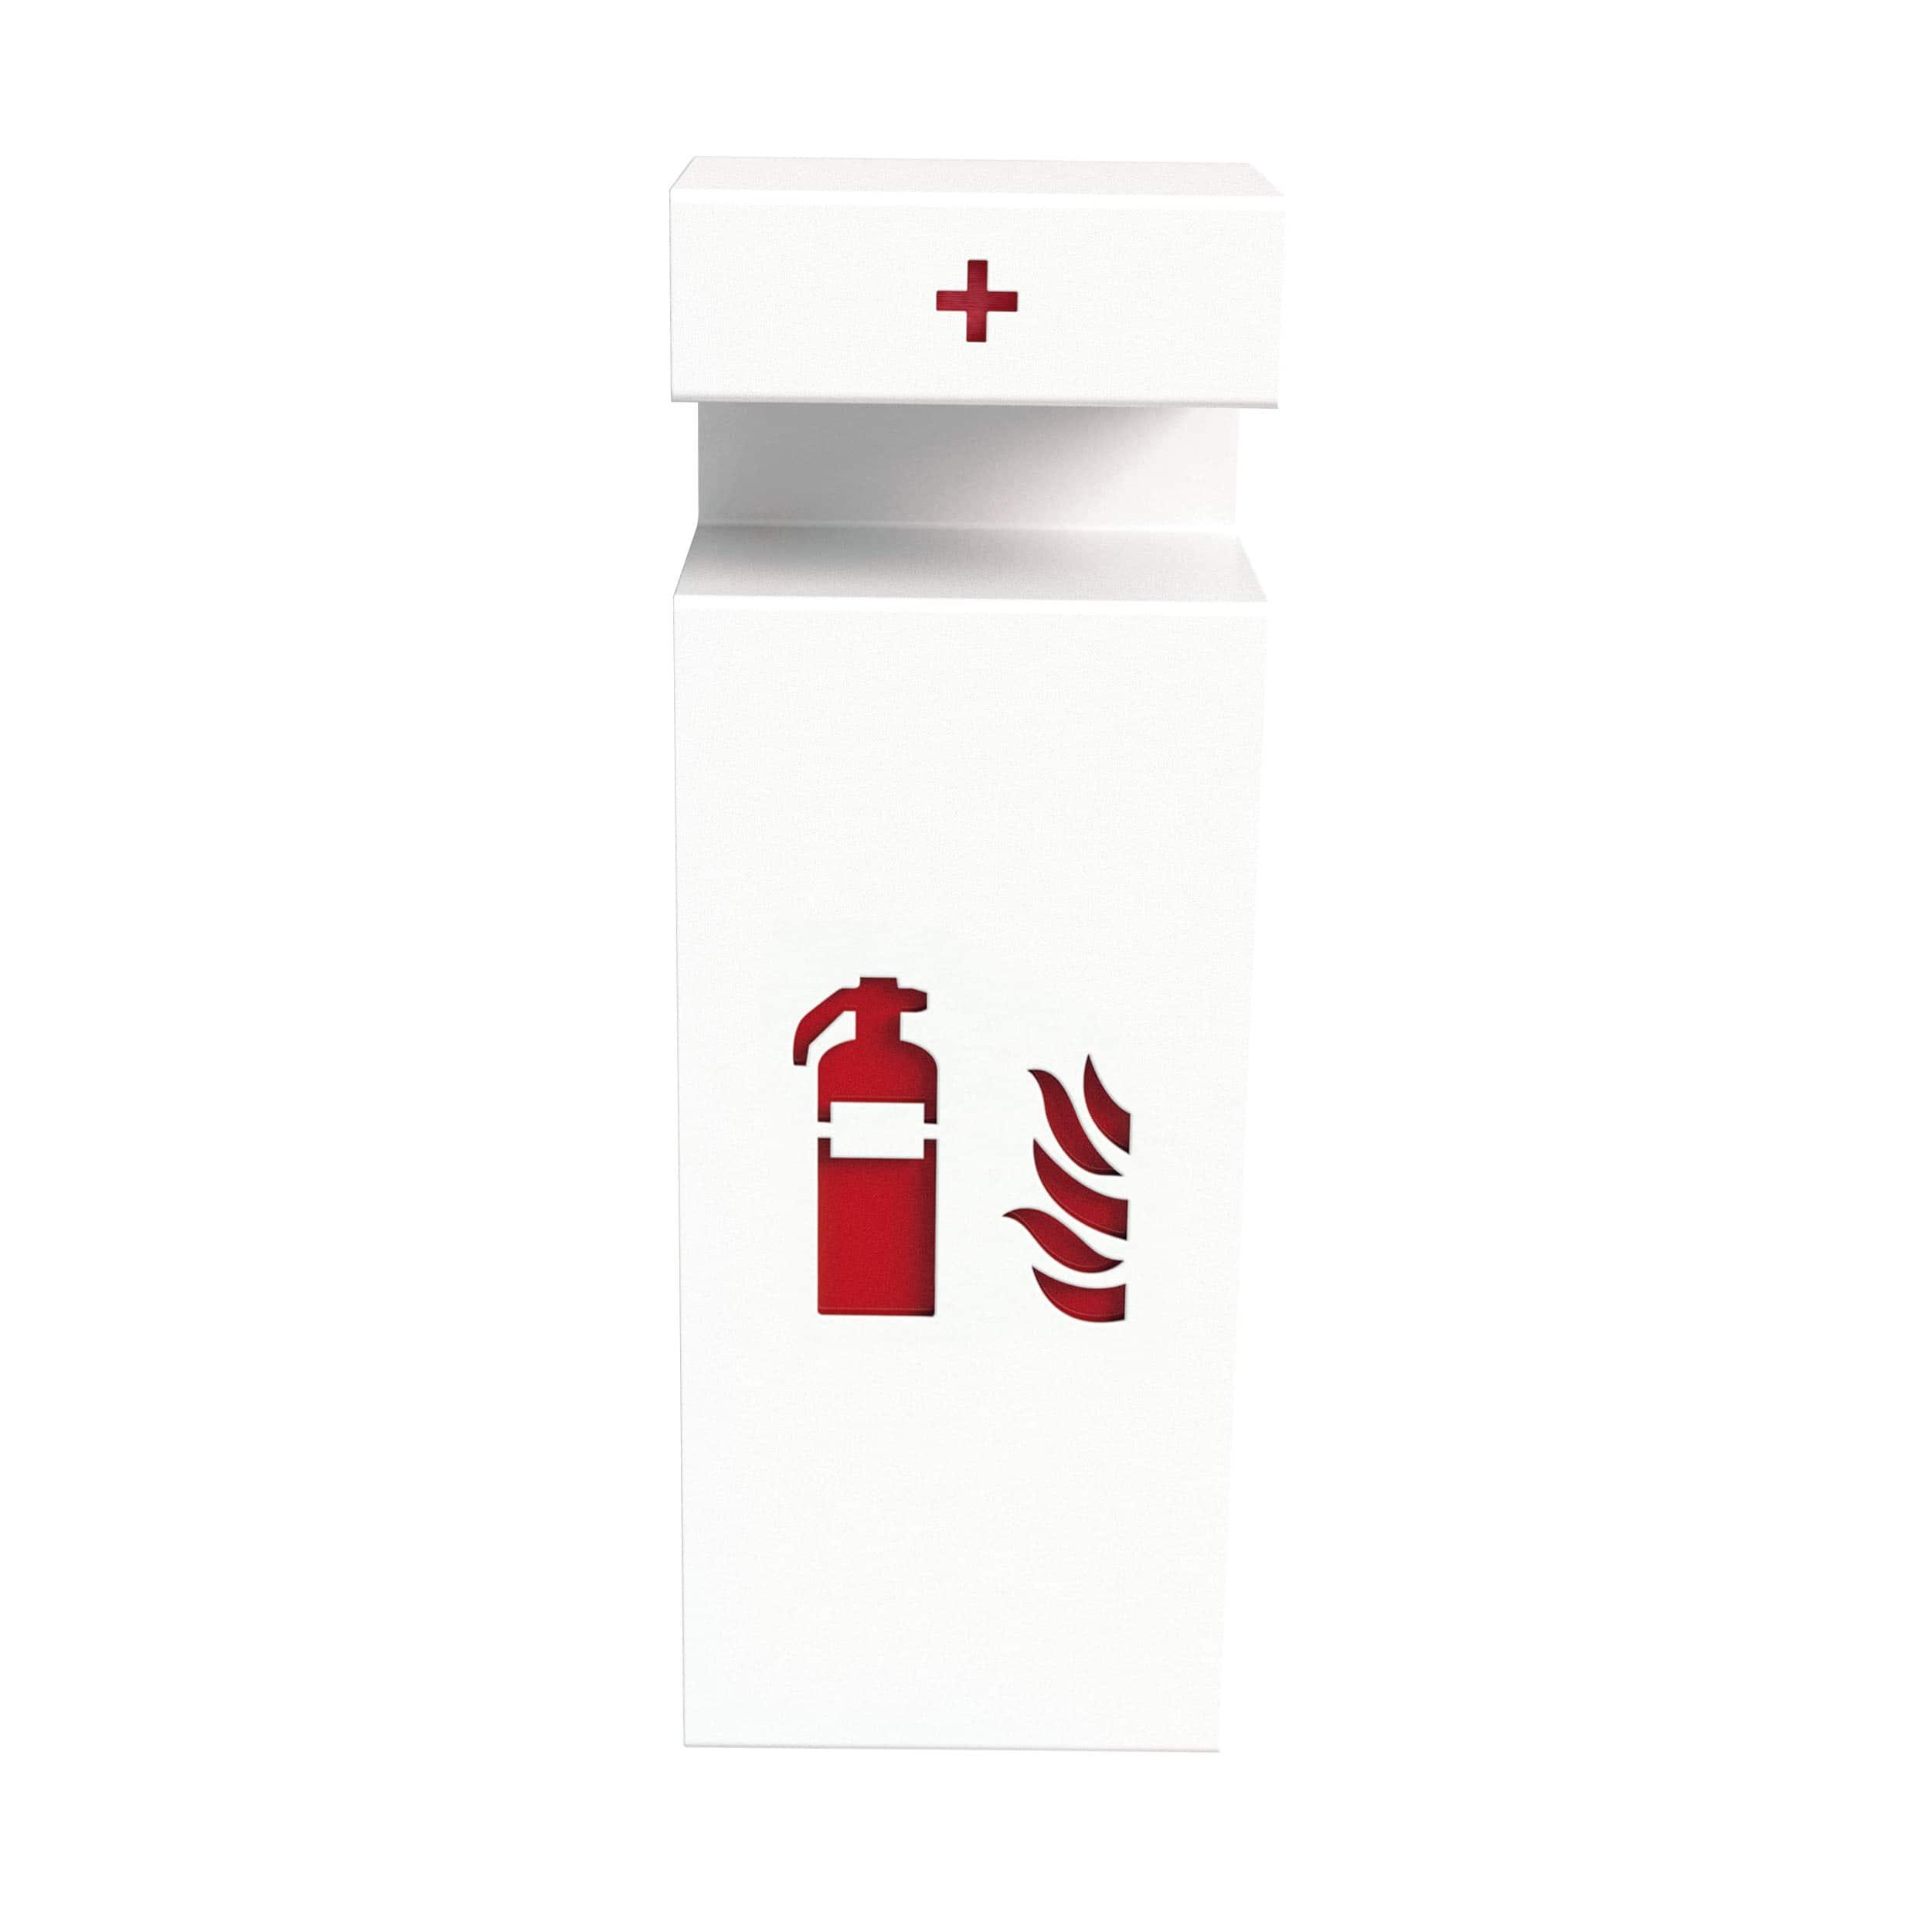 Fire Wall Feuerlöscherhalter mit Erste Hilfe Box